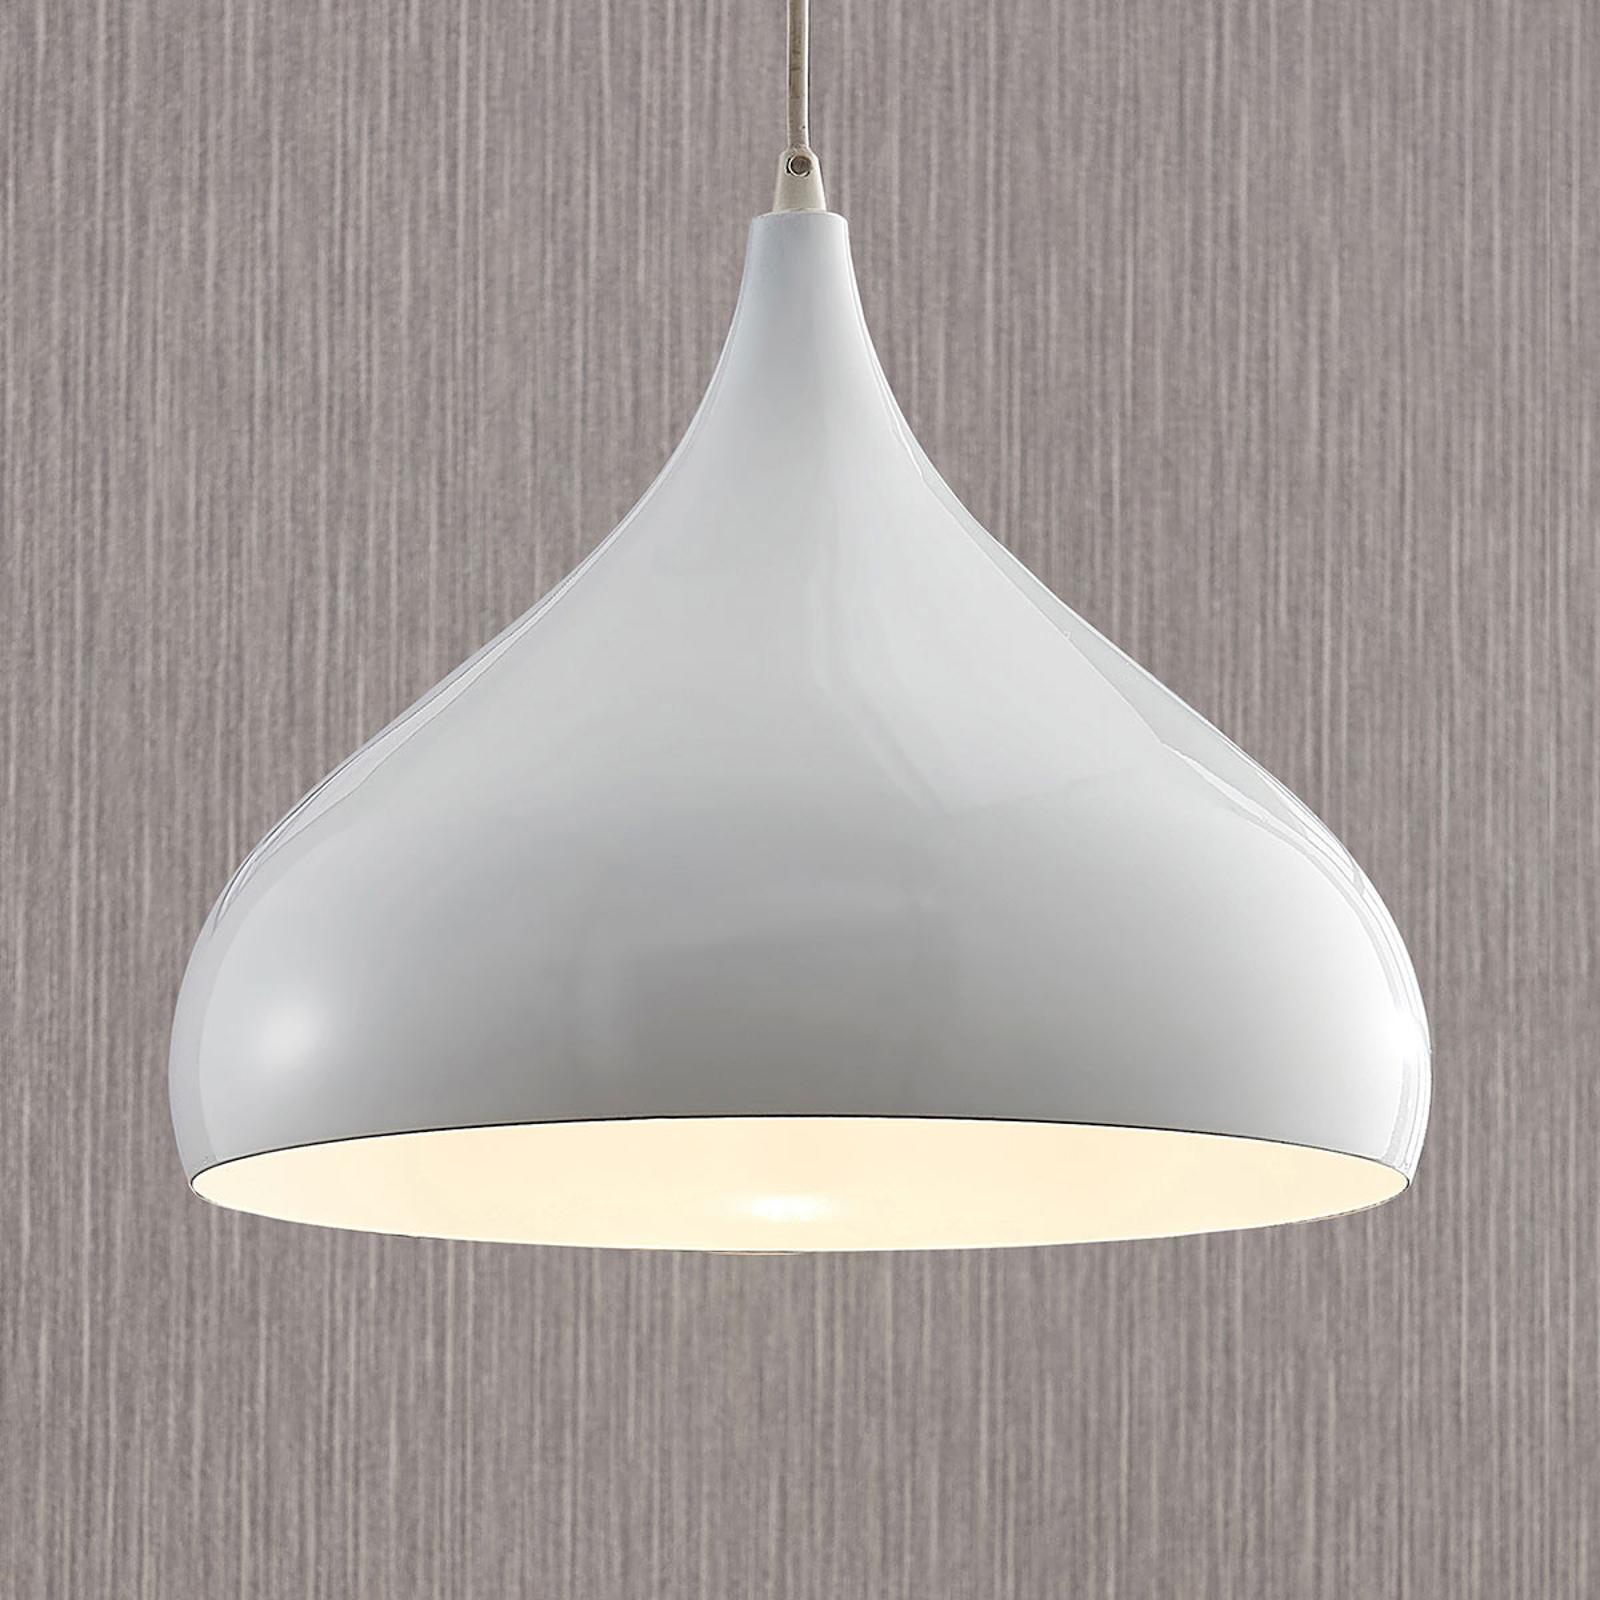 Suspension Ritana en aluminium, blanc